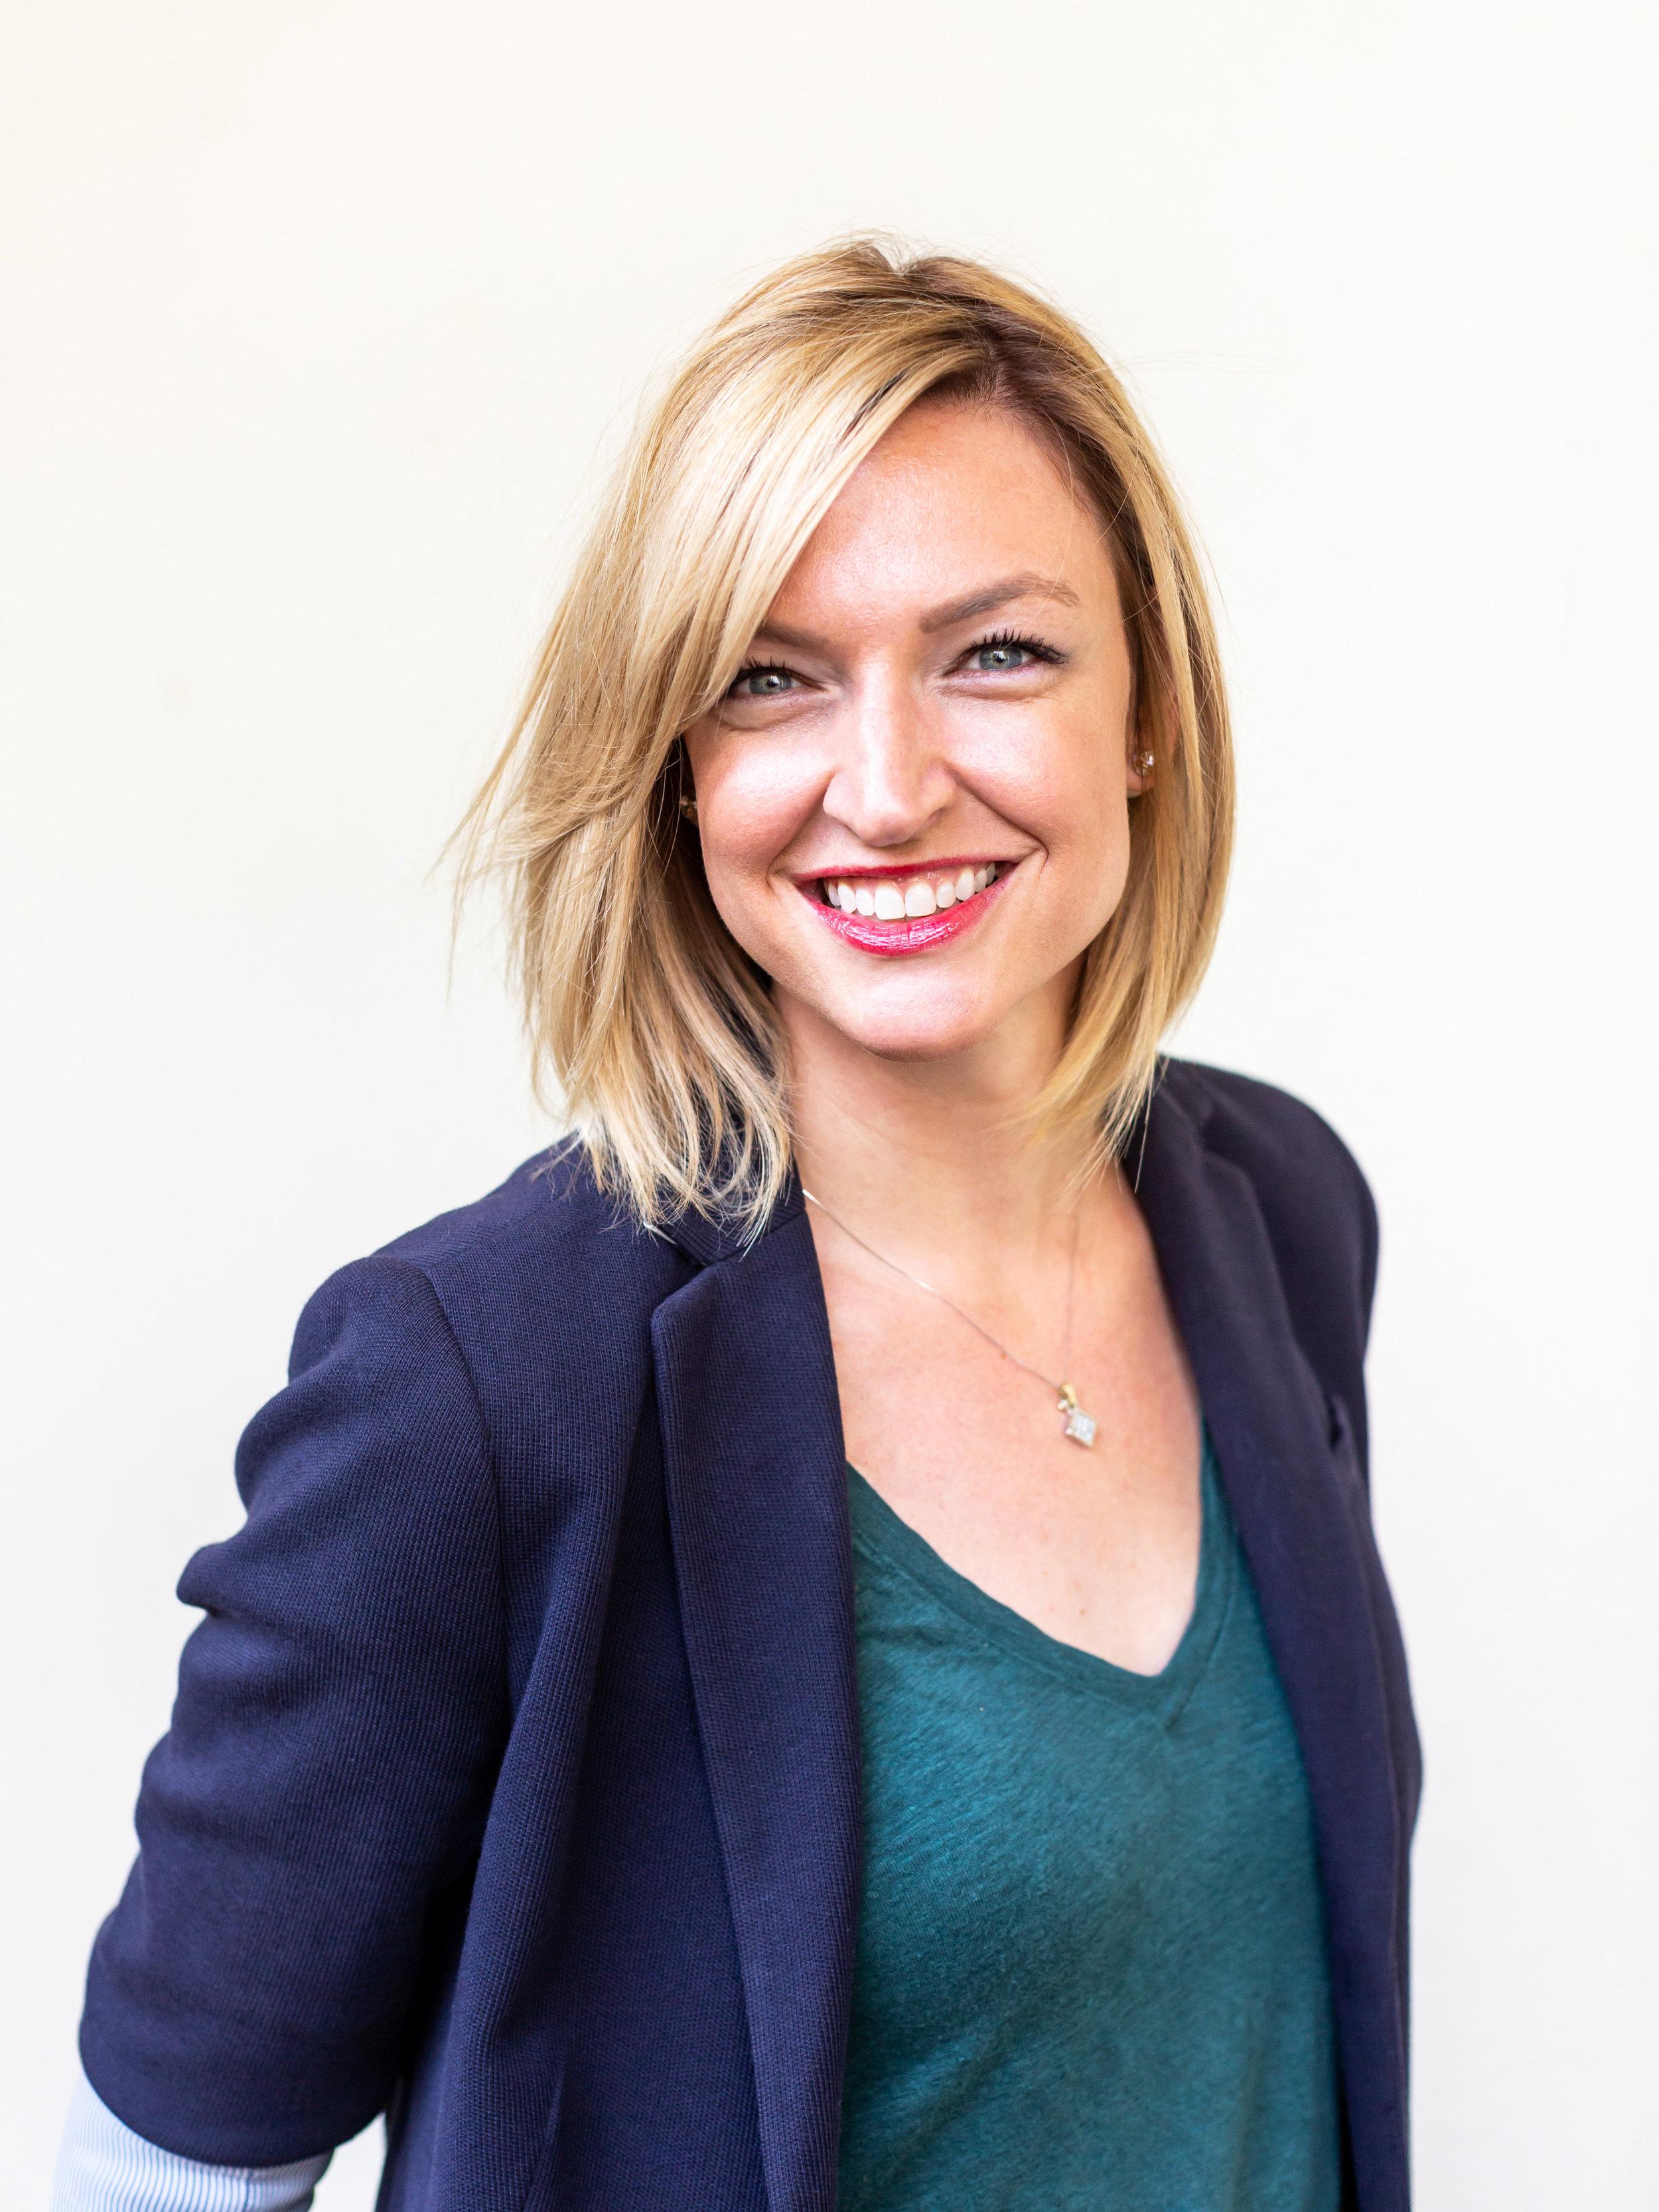 Lauren Rodgers-Voorhees Founder, CEO